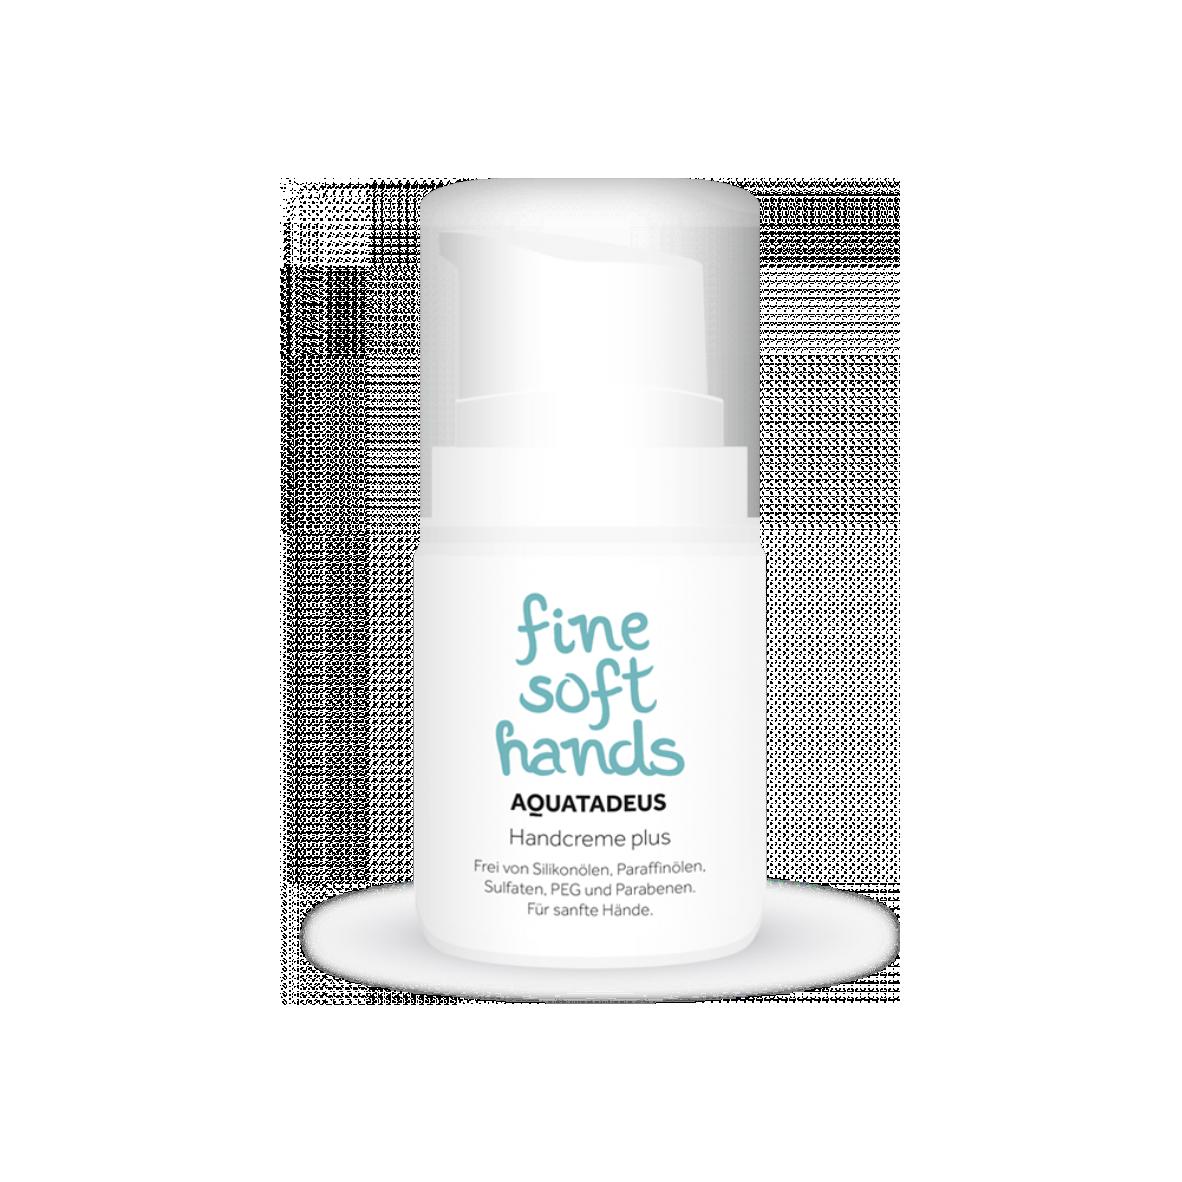 aquatadeus fine soft hands kézkrém